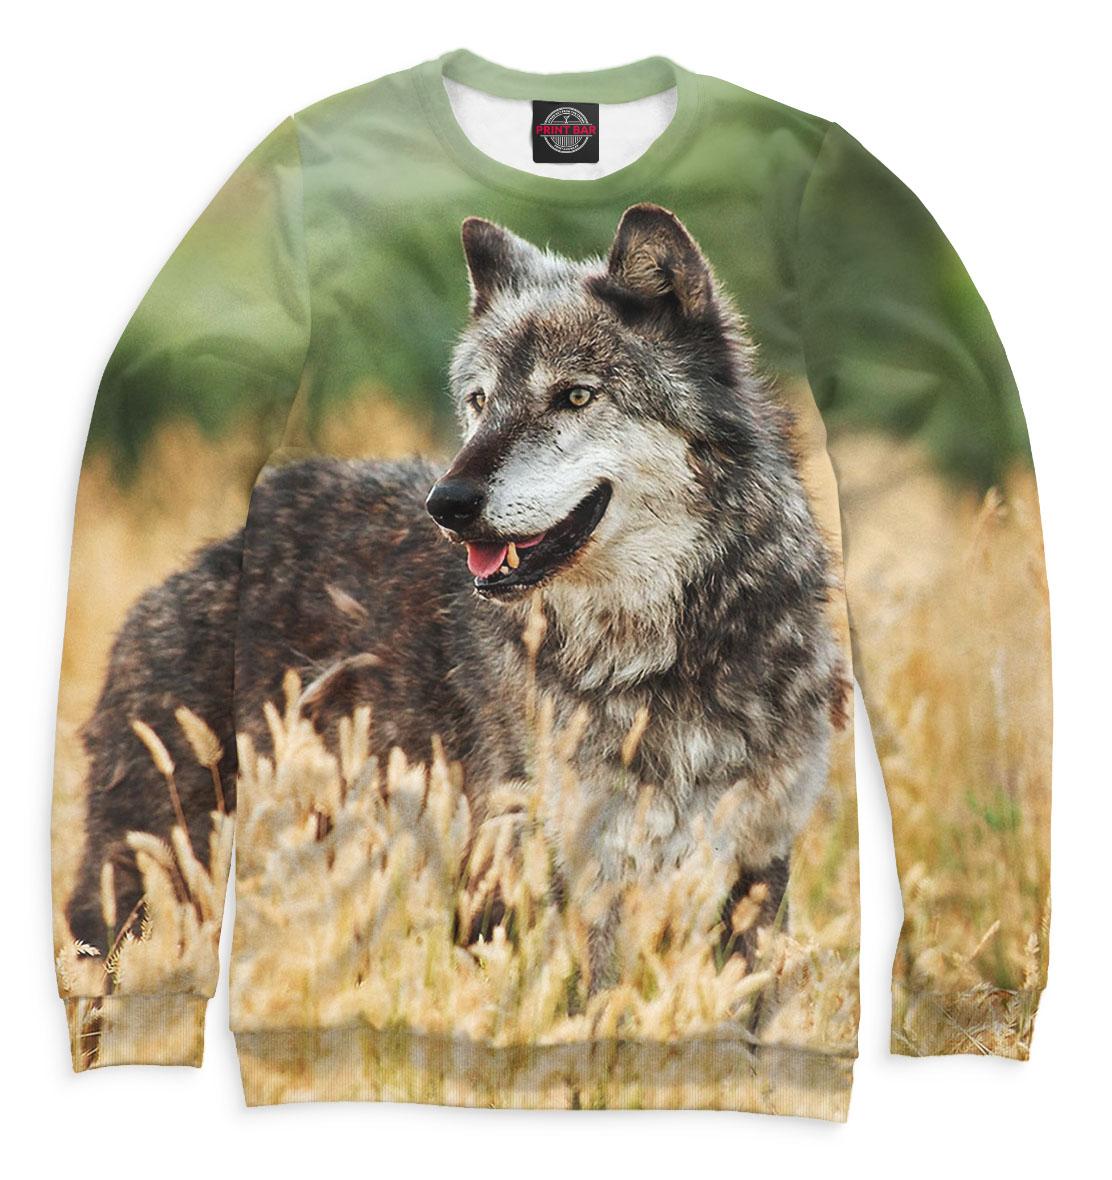 Купить Волк, Printbar, Свитшоты, VLF-412415-swi-2